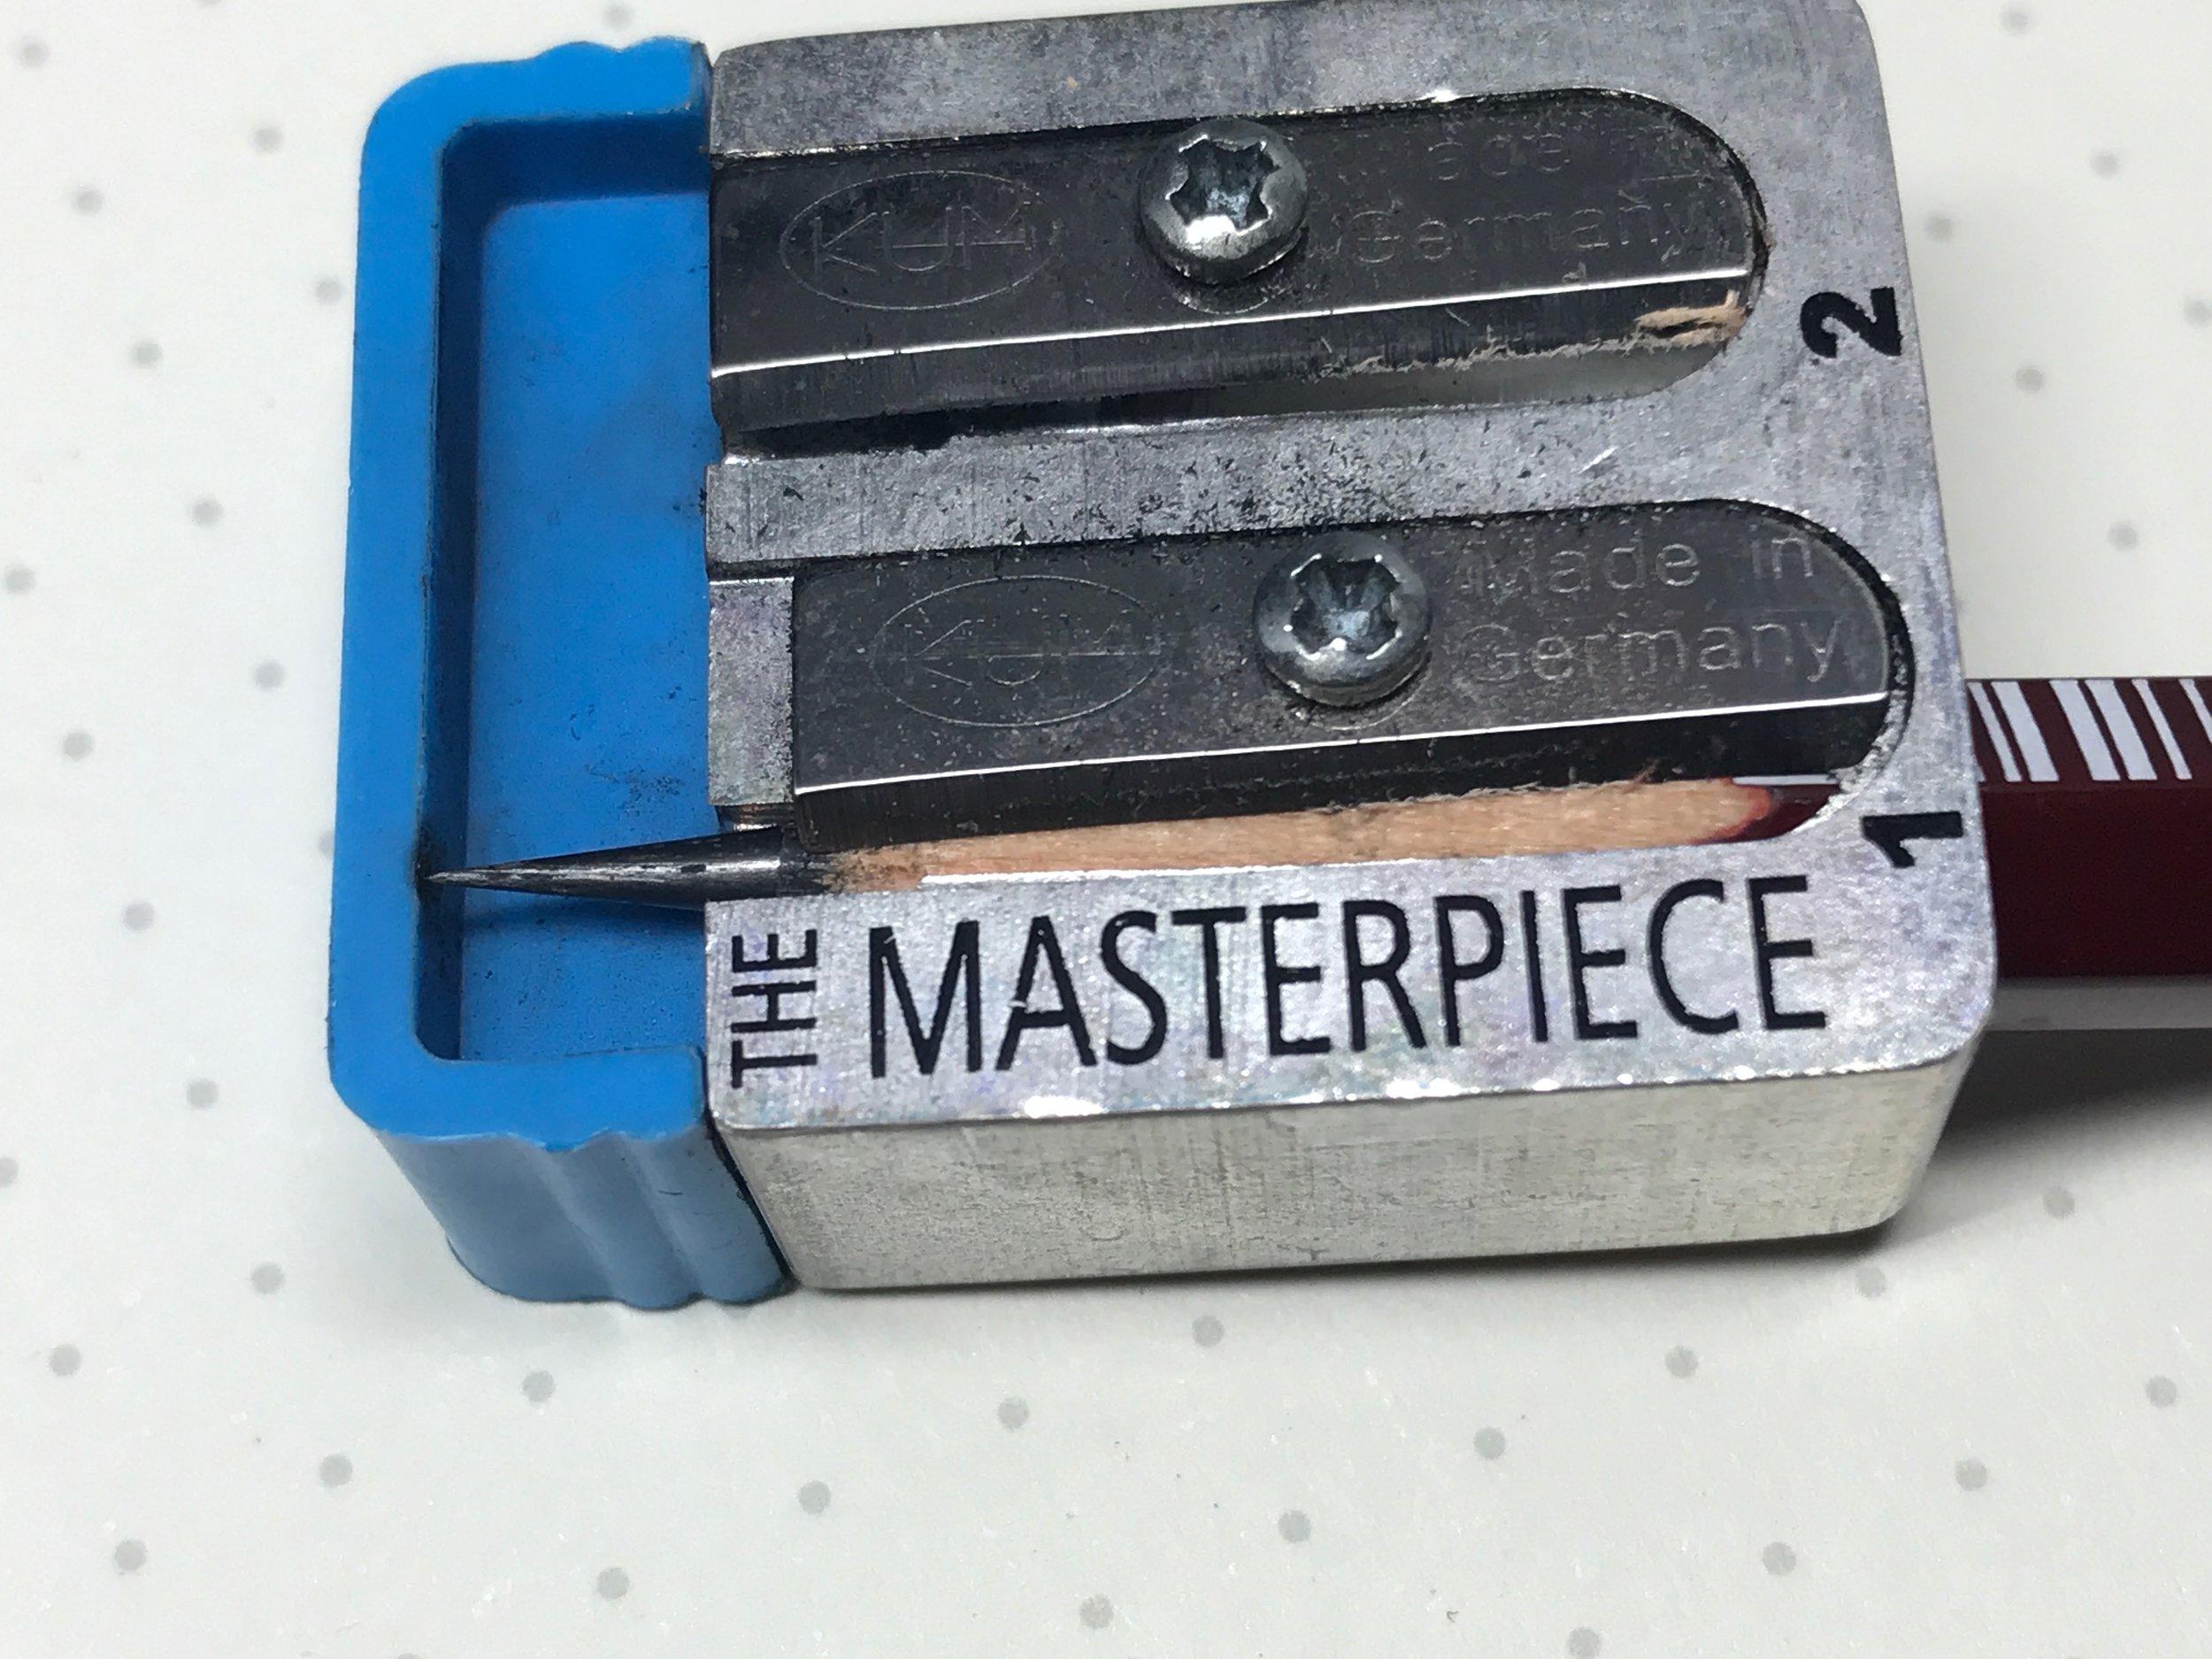 KUM-Masterpiece-Sharpener-9.jpg